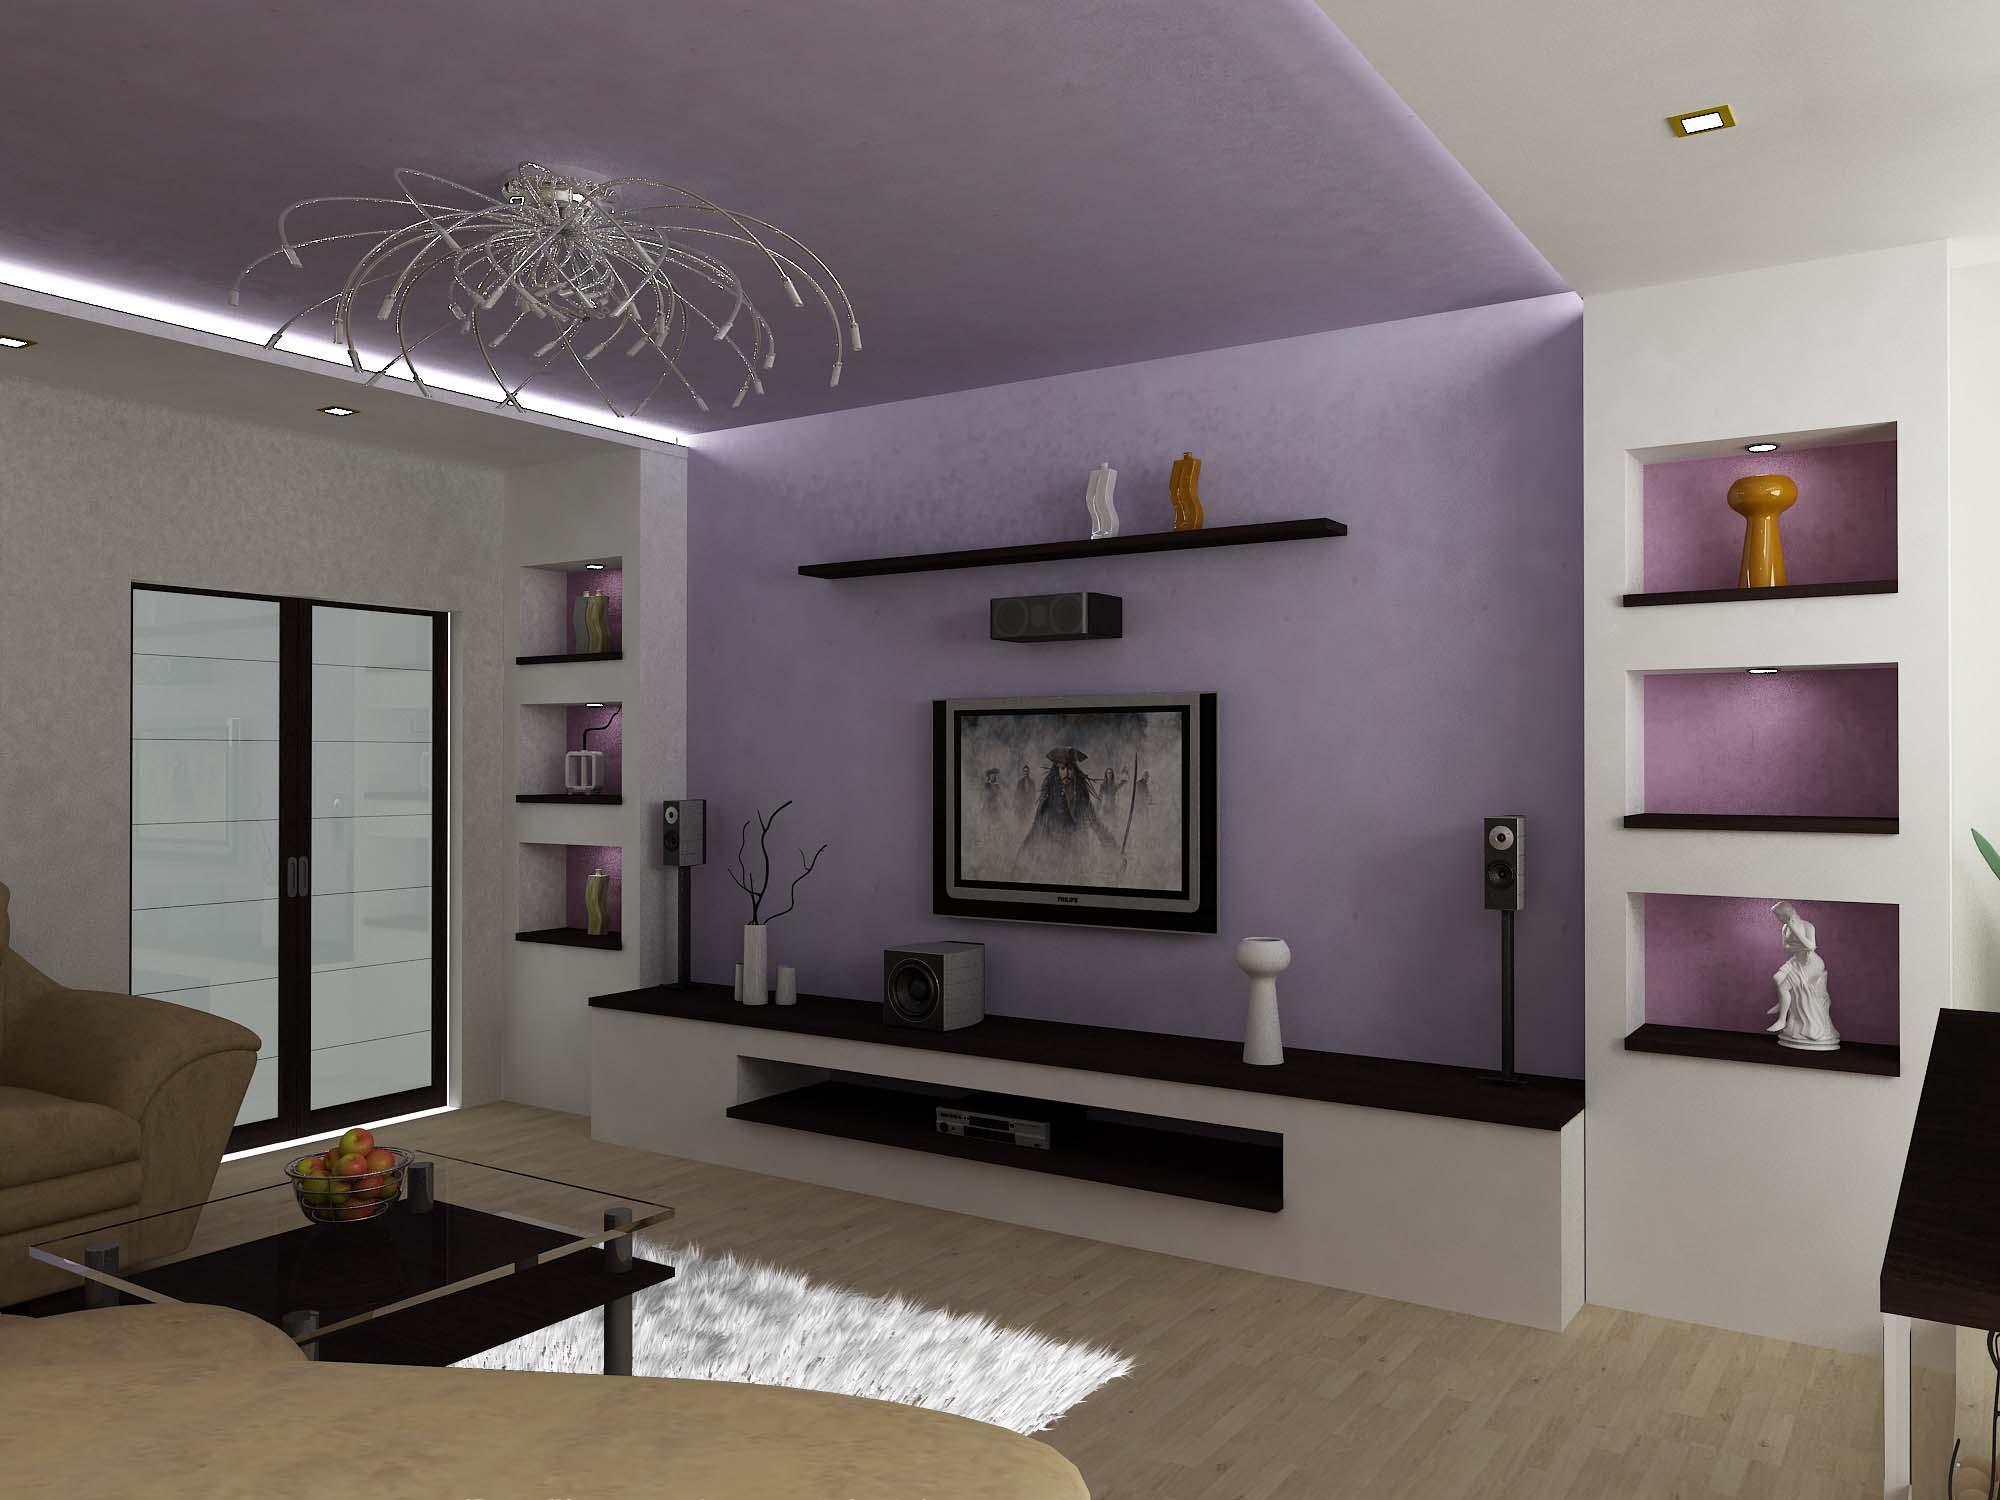 Ремонты квартир дизайн интерьера